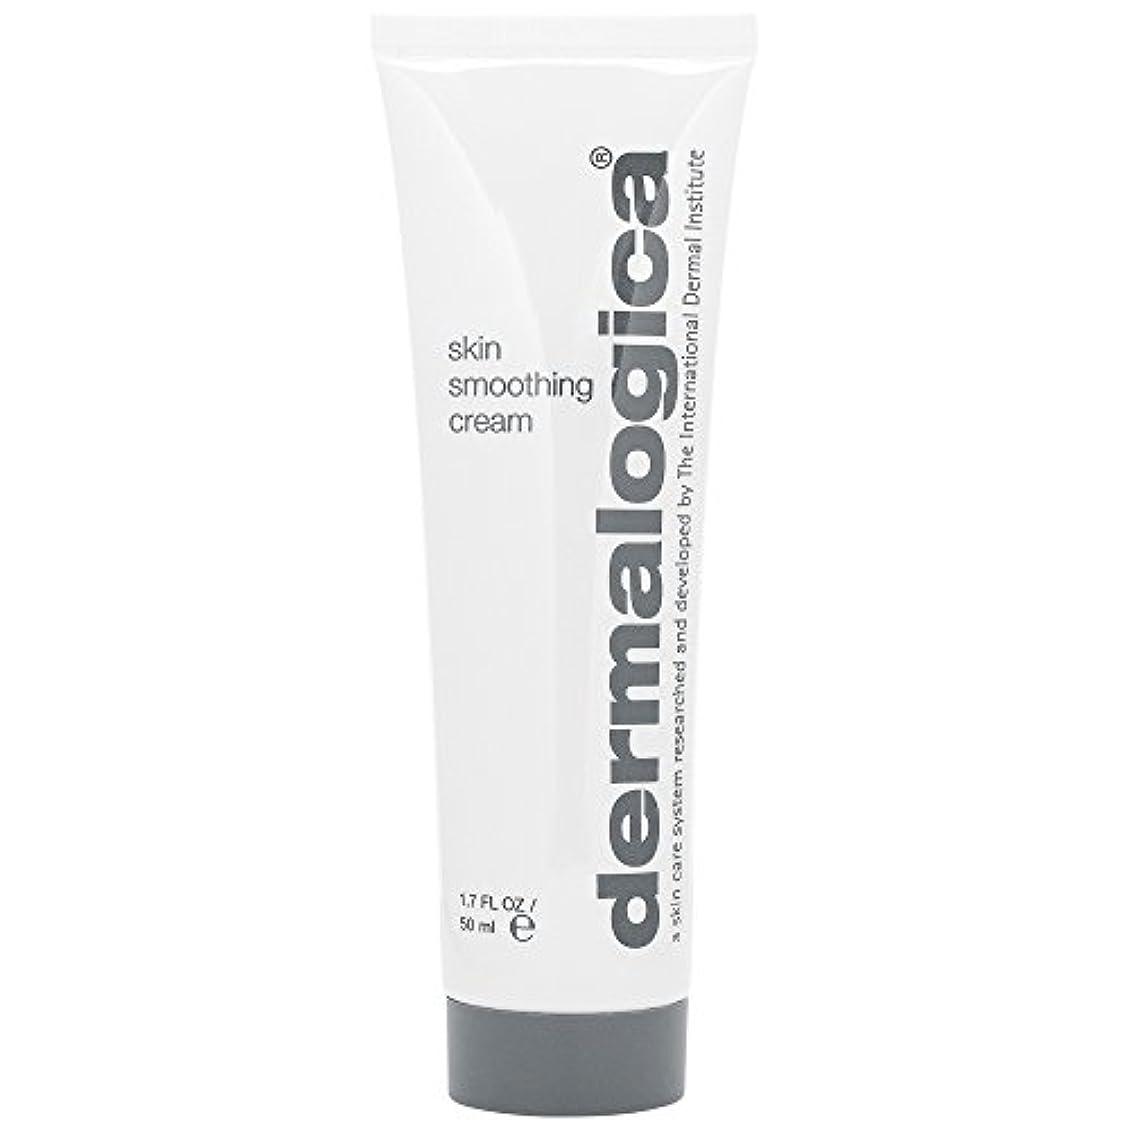 ダーマロジカスキンスムージングクリーム50ミリリットル (Dermalogica) - Dermalogica Skin Smoothing Cream 50ml [並行輸入品]